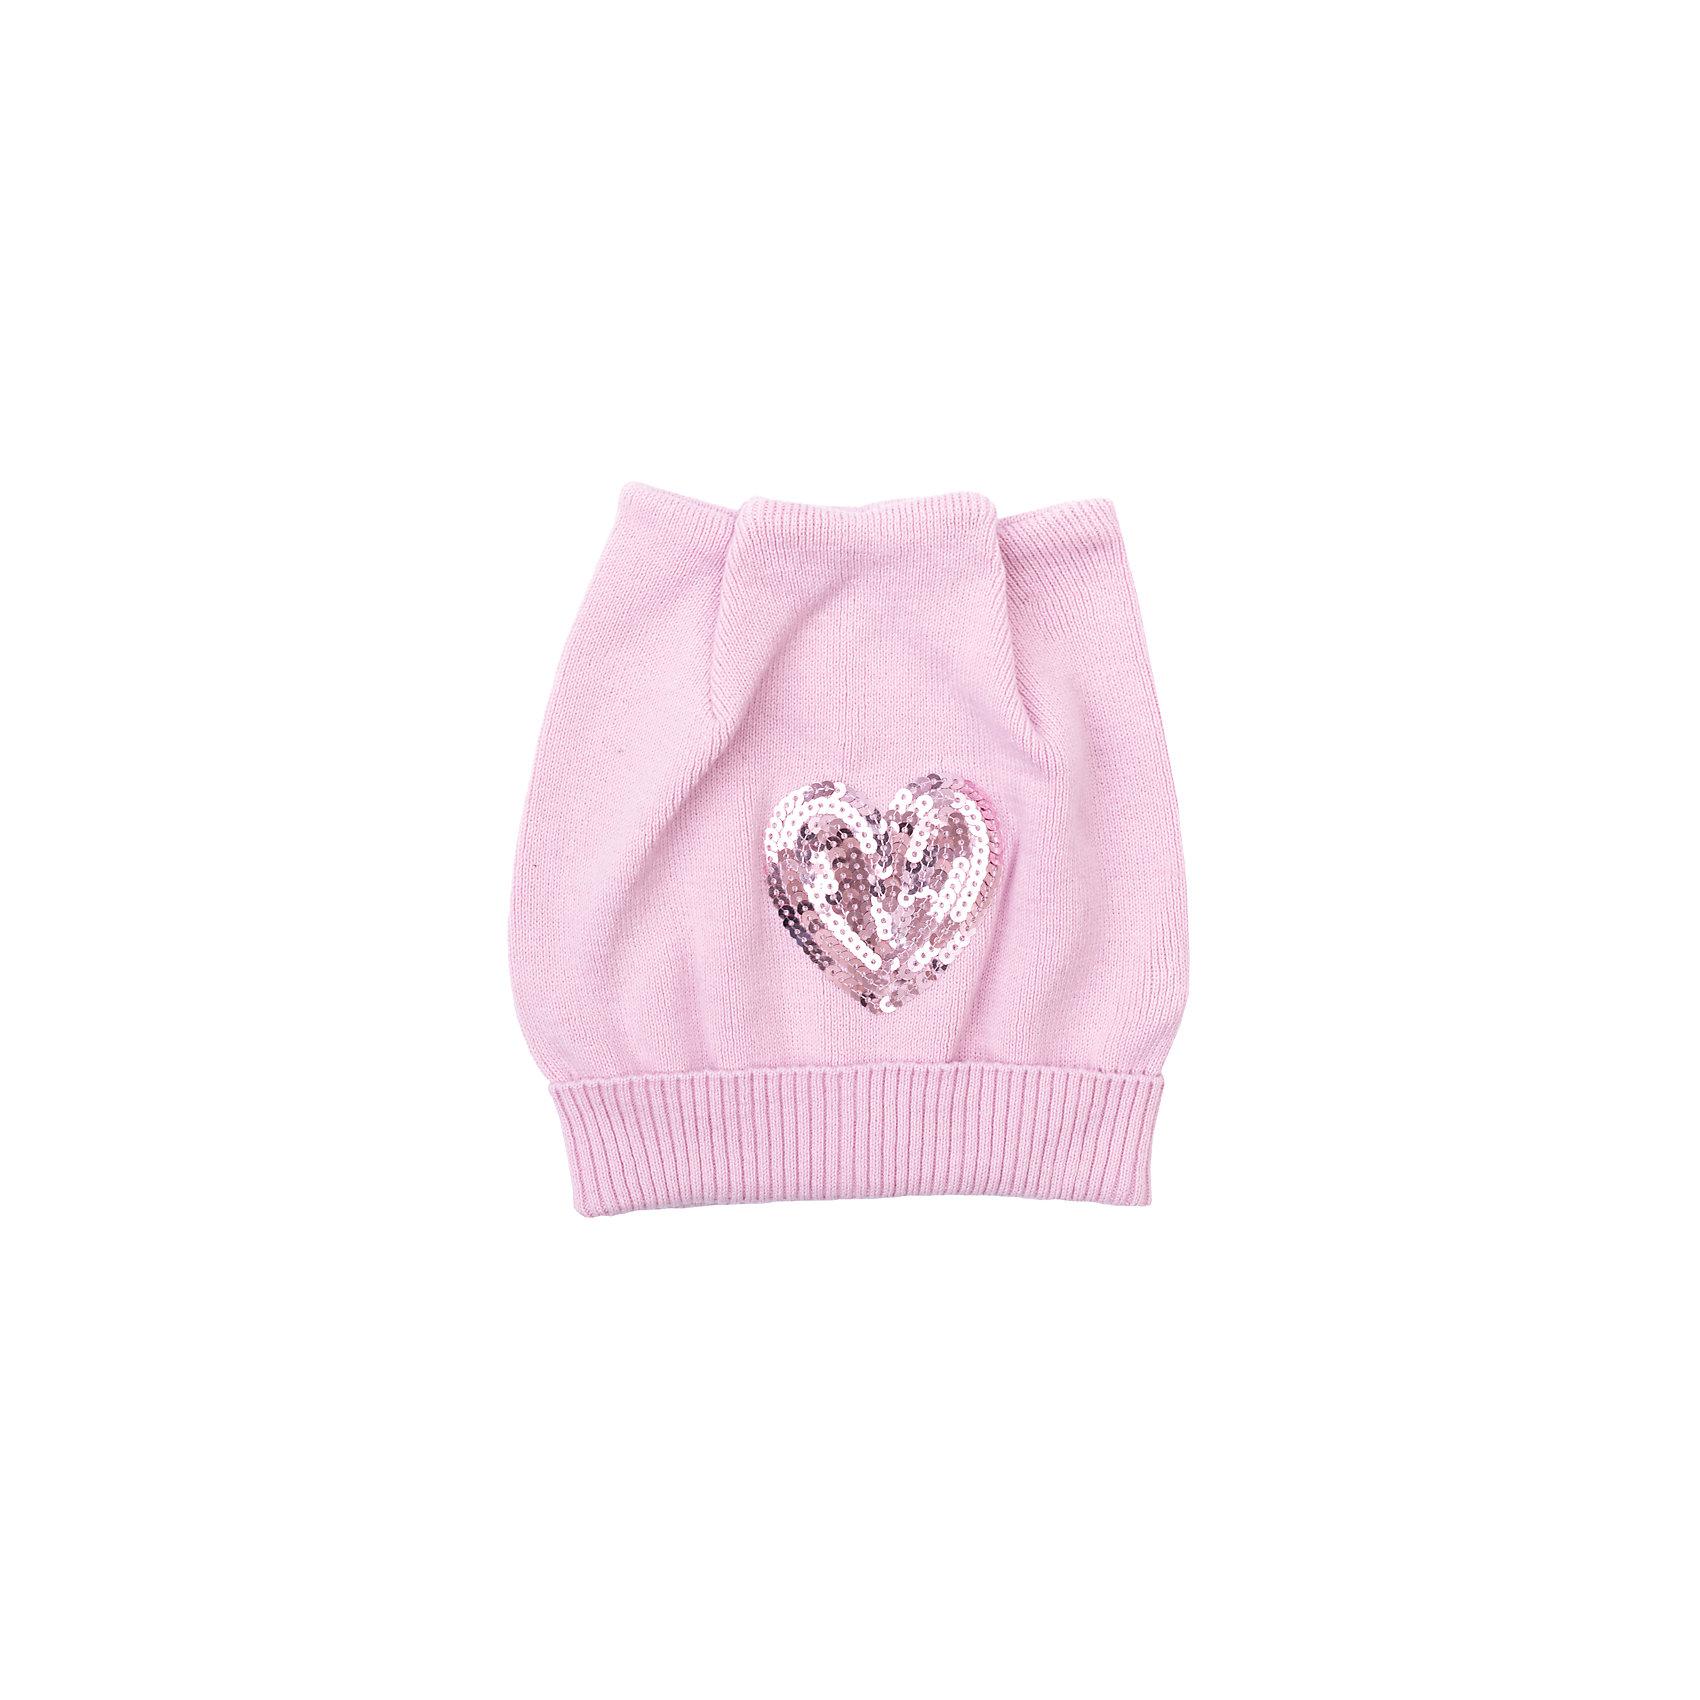 Шапка для девочки PlayTodayШик и блеск<br>Шапка для девочки PlayToday<br>Шапка из трикотажа с ушками подойдет Вашему ребенку для прогулок в прохладную погоду. Шапка без завязок, плотно прилегает к голове, комфортна при носке. Модель декорирована эффектной вышивкой из пайеток <br><br>Преимущества: <br><br>Мягкий трикотаж<br>Плотно прилегает к голове<br>Комфортна при носке<br><br>Состав:<br>80% хлопок, 18% нейлон, 2% эластан<br><br>Ширина мм: 89<br>Глубина мм: 117<br>Высота мм: 44<br>Вес г: 155<br>Цвет: светло-розовый<br>Возраст от месяцев: 48<br>Возраст до месяцев: 60<br>Пол: Женский<br>Возраст: Детский<br>Размер: 52,54,50<br>SKU: 5404214